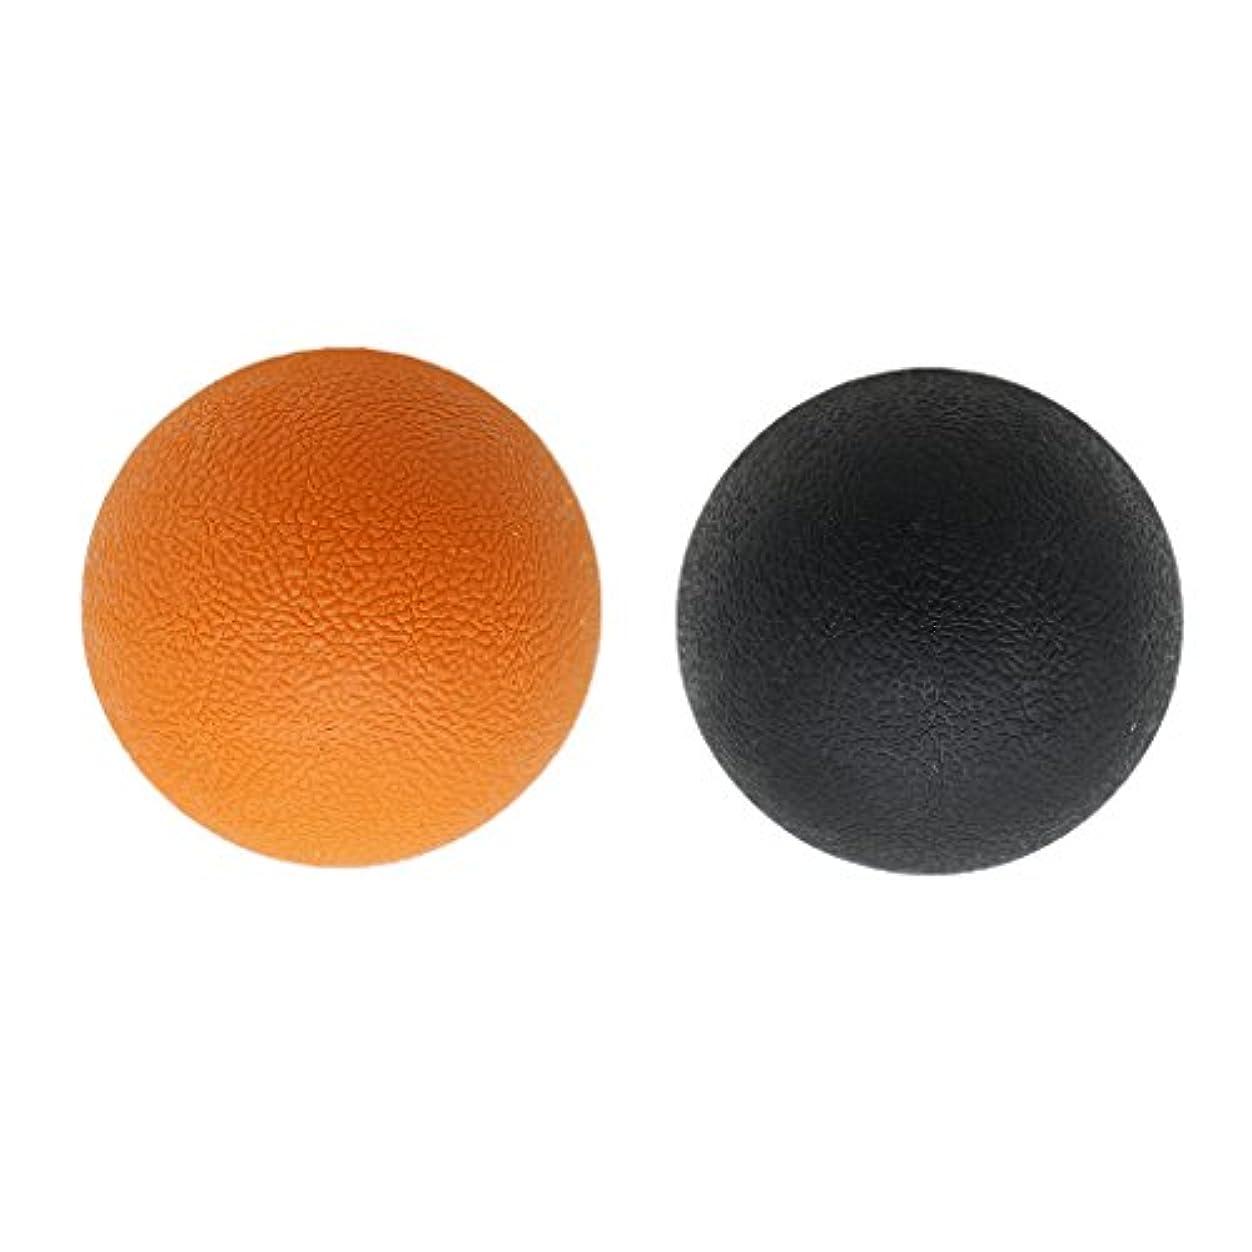 累積君主制立ち向かう2個 マッサージボール ストレッチボール トリガーポイント トレーニング マッサージ リラックス 家庭 ジム 旅行 学校 オフィス 便利 多色選べる - オレンジブラック